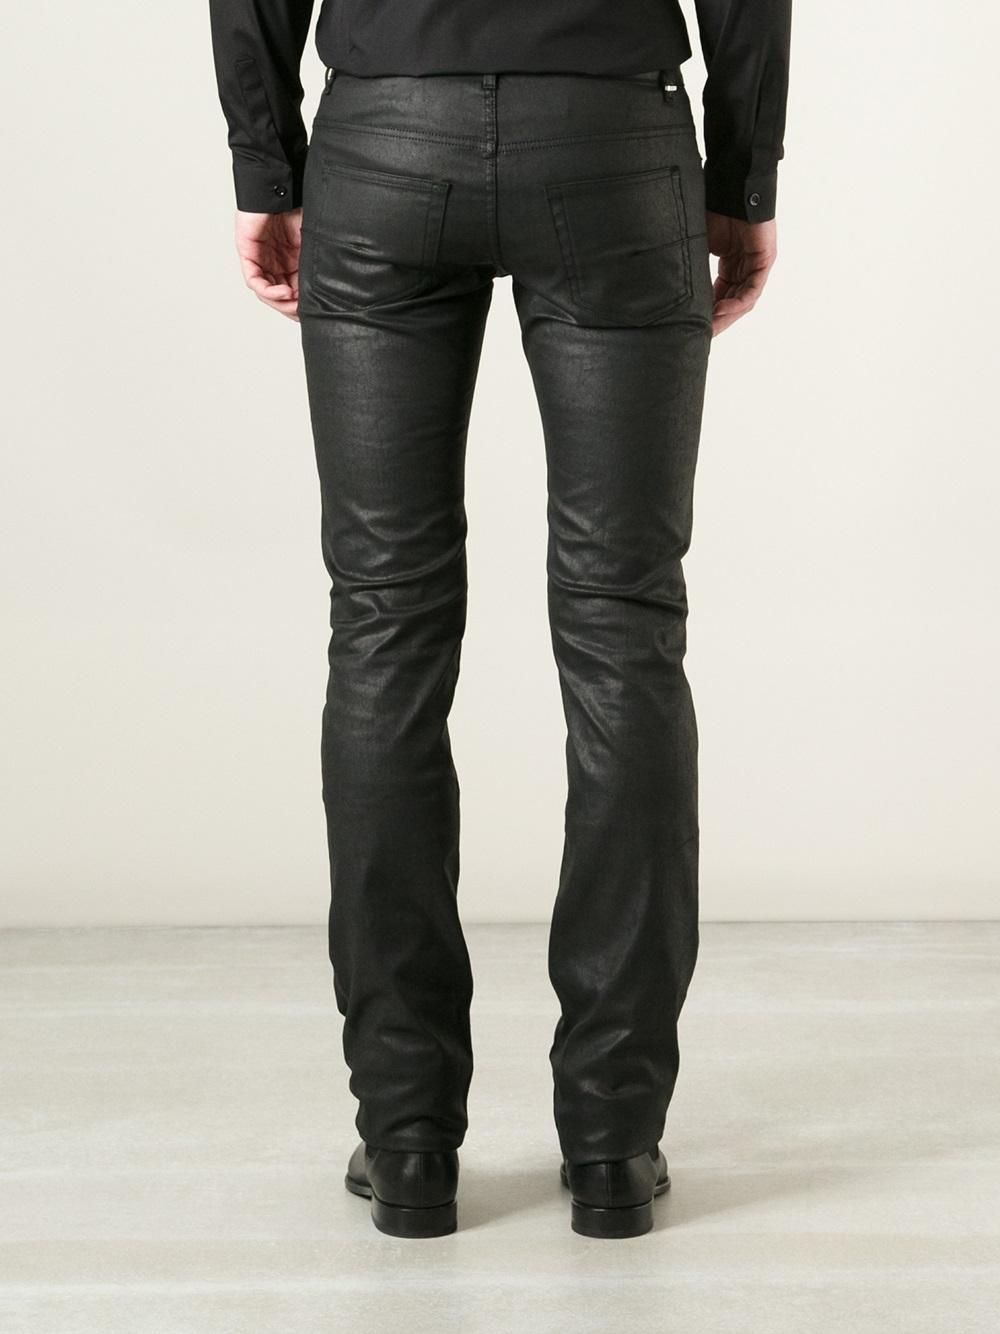 Rock Republic Jeans For Men